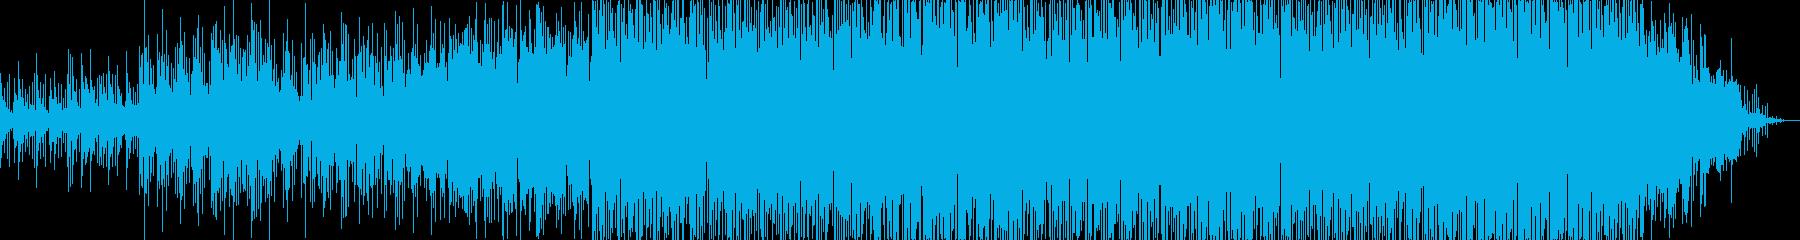 企業VPに最適明るく元気なゴスペルポップの再生済みの波形